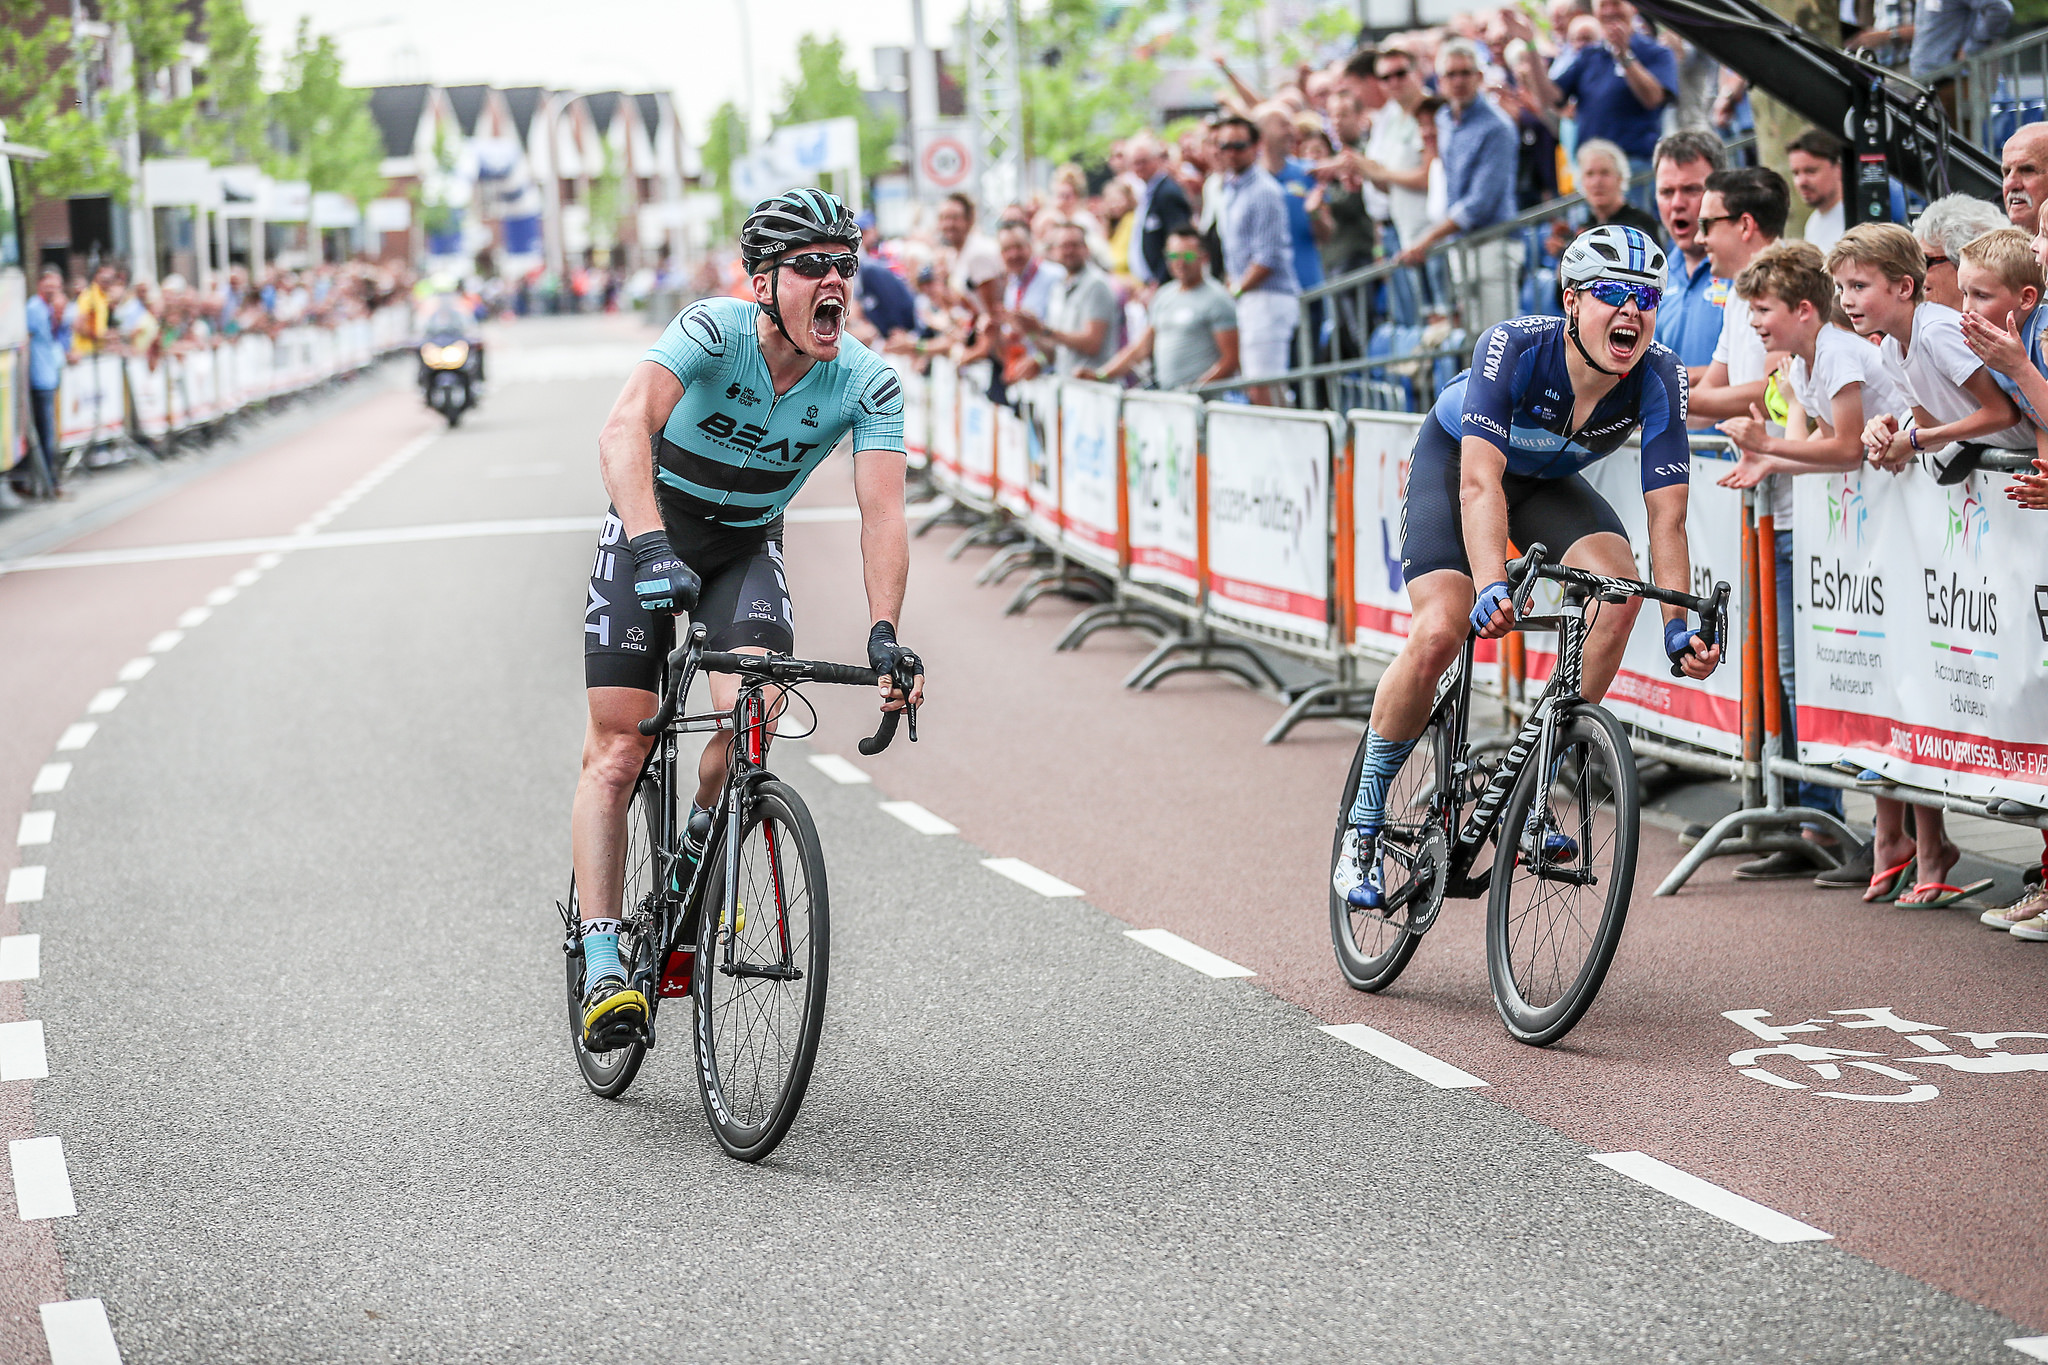 FOTO & VIDEO   Ronde van Overijssel en de Profronde van Noord-Holland